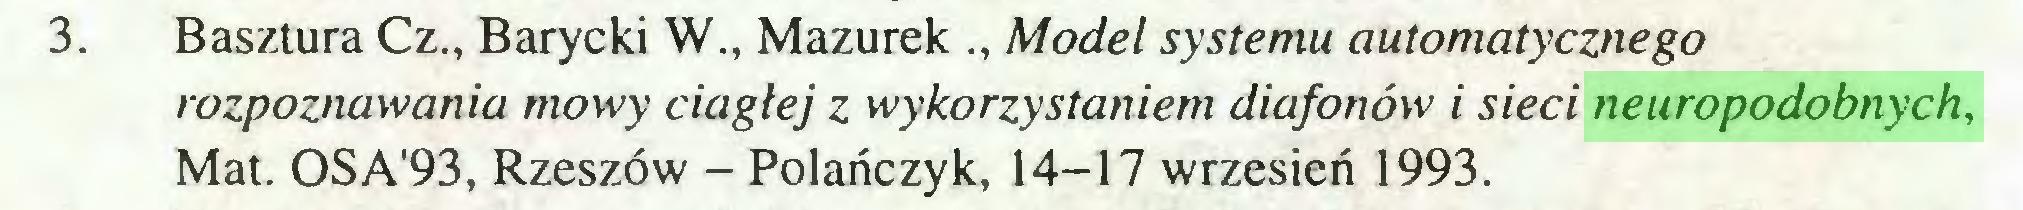 (...) 3. Basztura Cz., Barycki W., Mazurek ., Model systemu automatycznego rozpoznawania mowy ciągłej z wykorzystaniem diafotiów i sieci neuropodobnych, Mat. OSA'93, Rzeszów - Polańczyk, 14-17 wrzesień 1993...